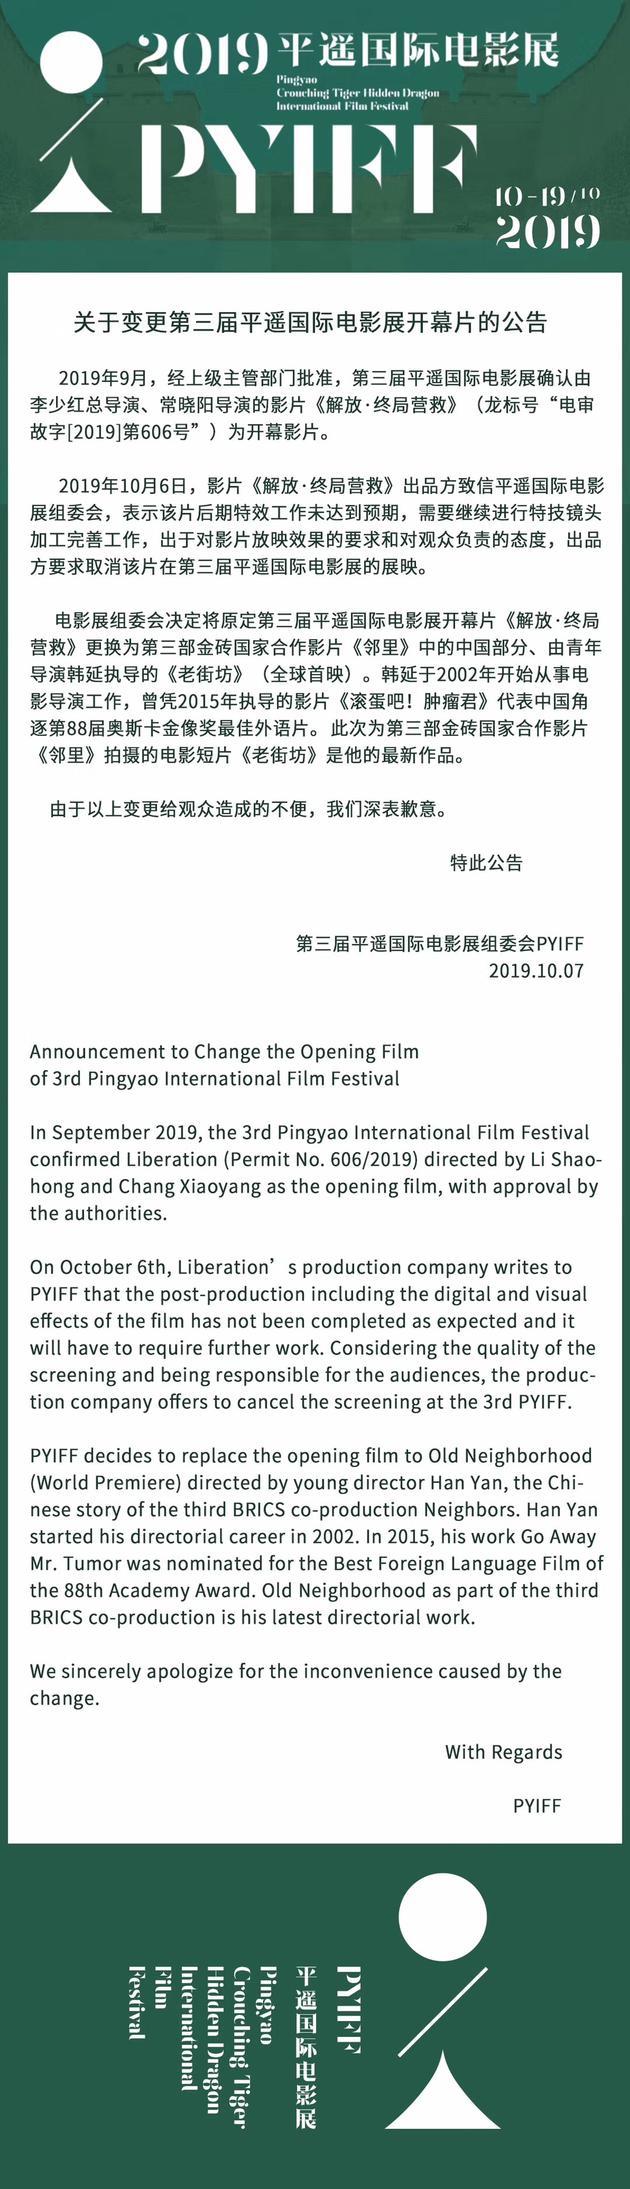 第三届平遥国际电影展开幕片更换为《老街坊》